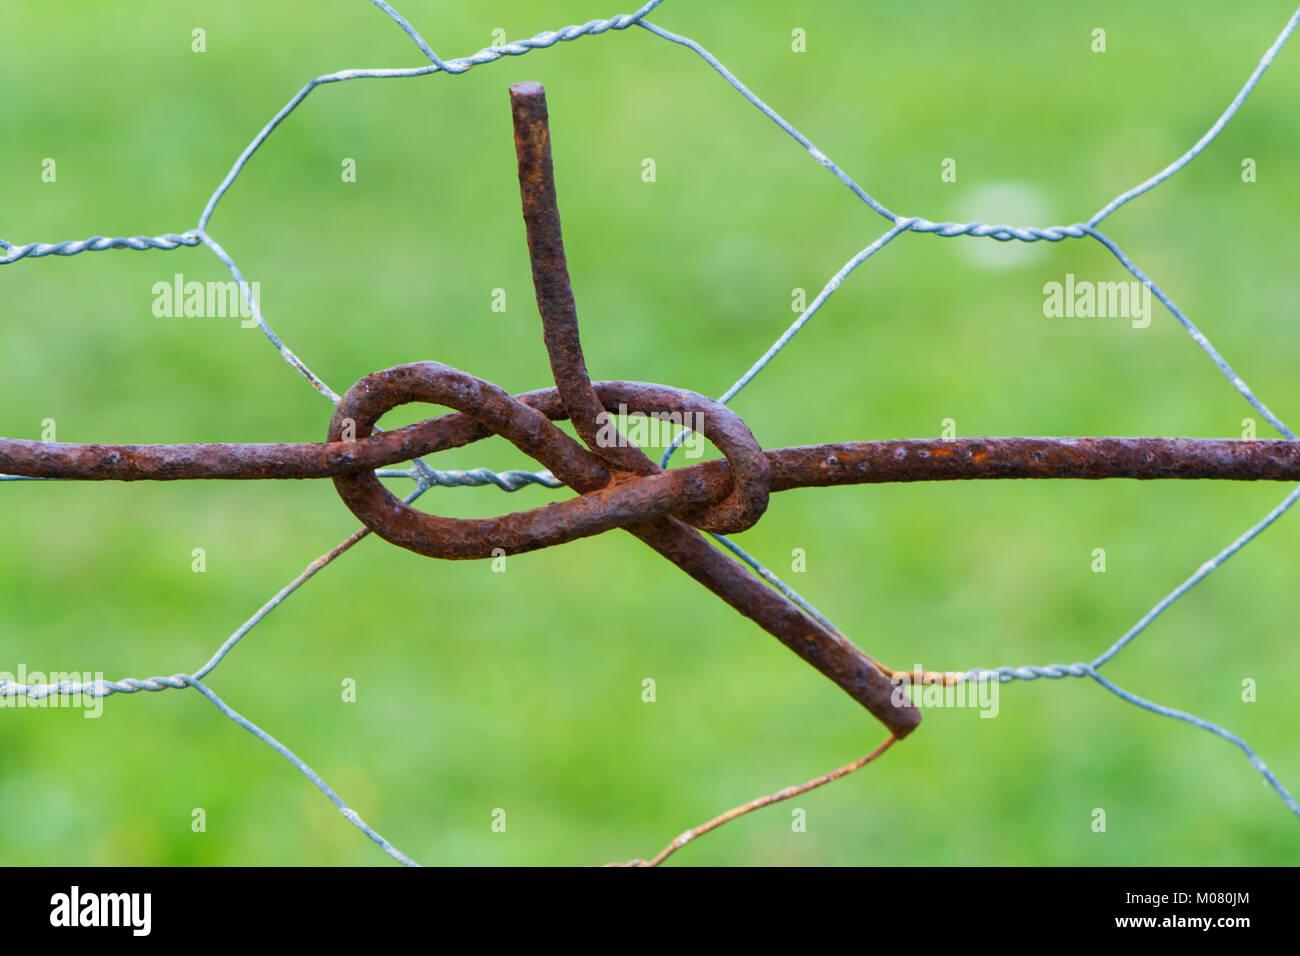 Abstract Zaun Draht Brezeln Der Von Den Verdrillten Kabel Knoten